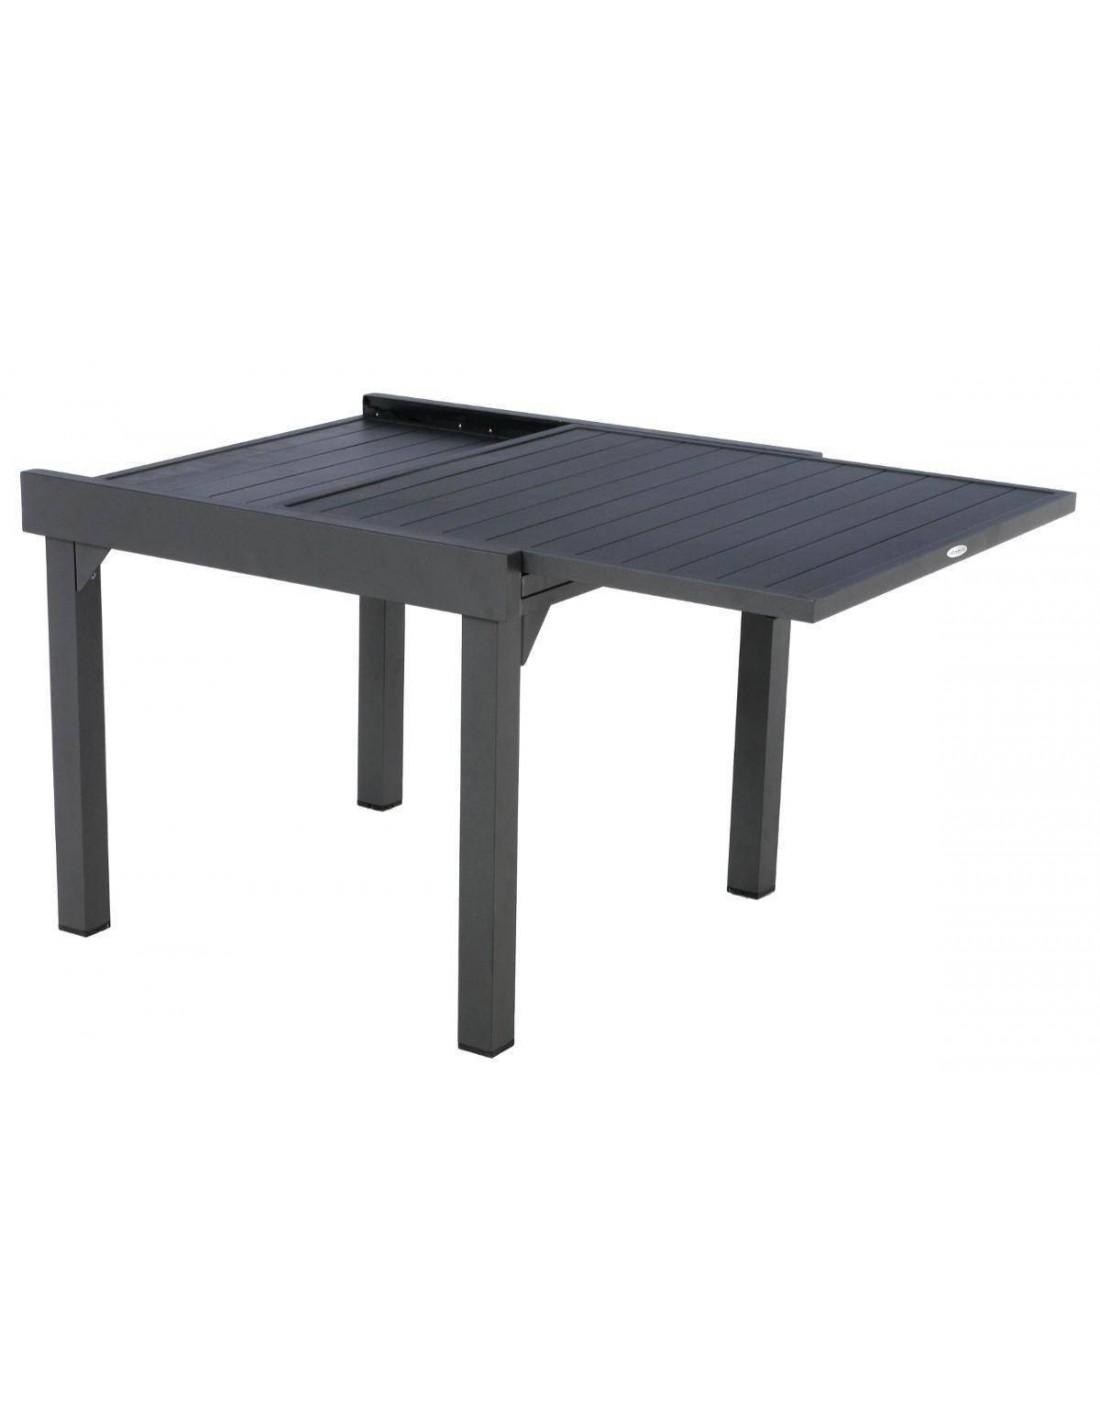 Table Piazza | Unixpaint